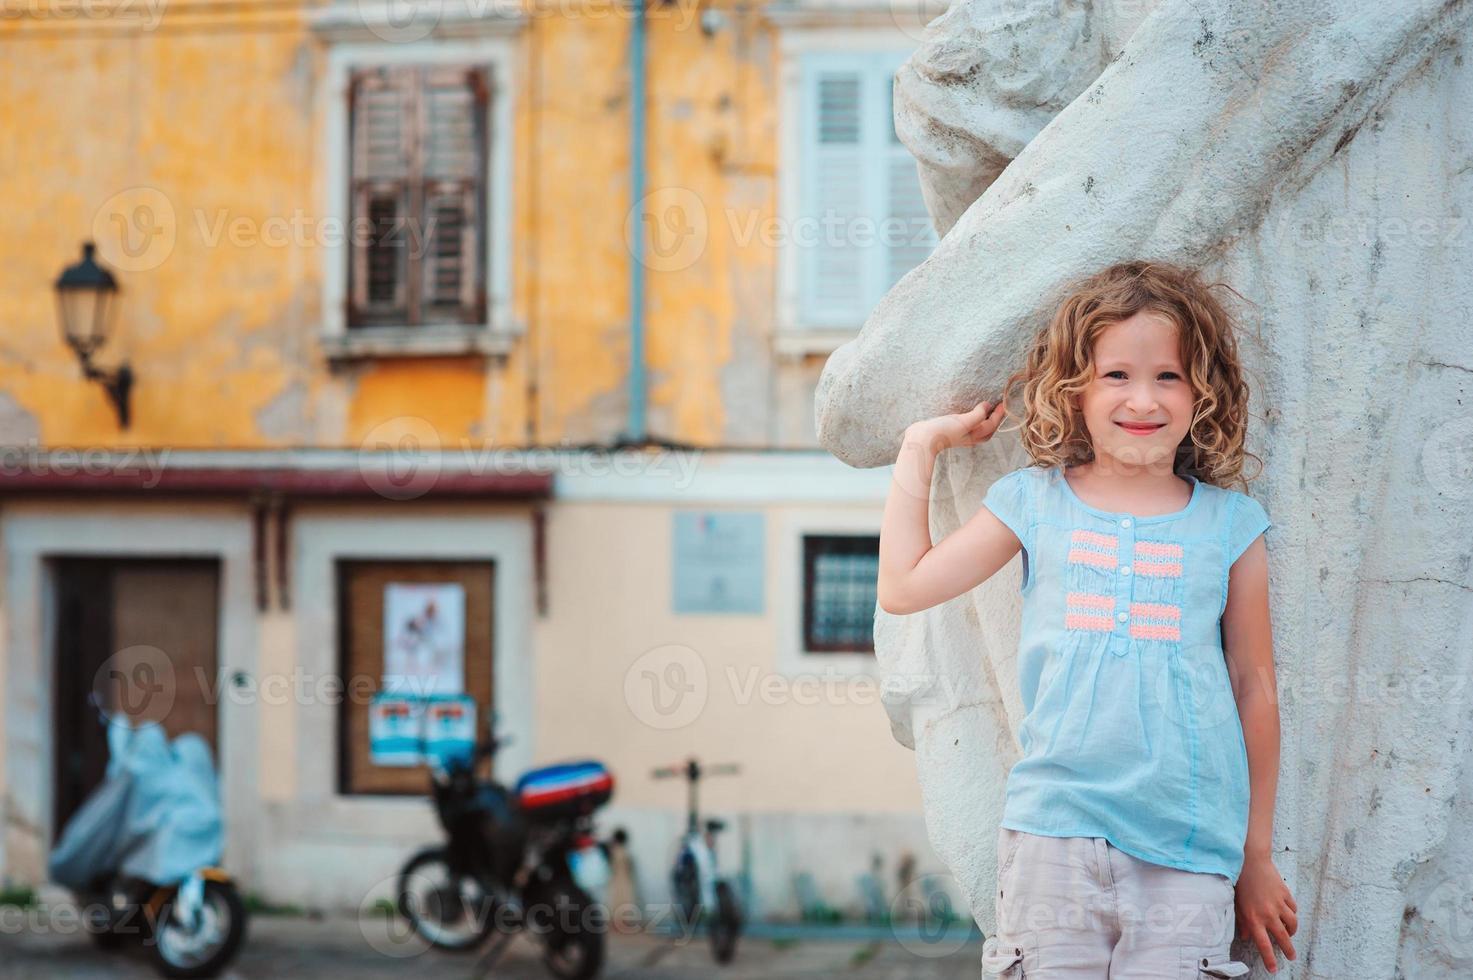 Ourist bambino ragazza che cammina per le strade di pirano, slovenia foto